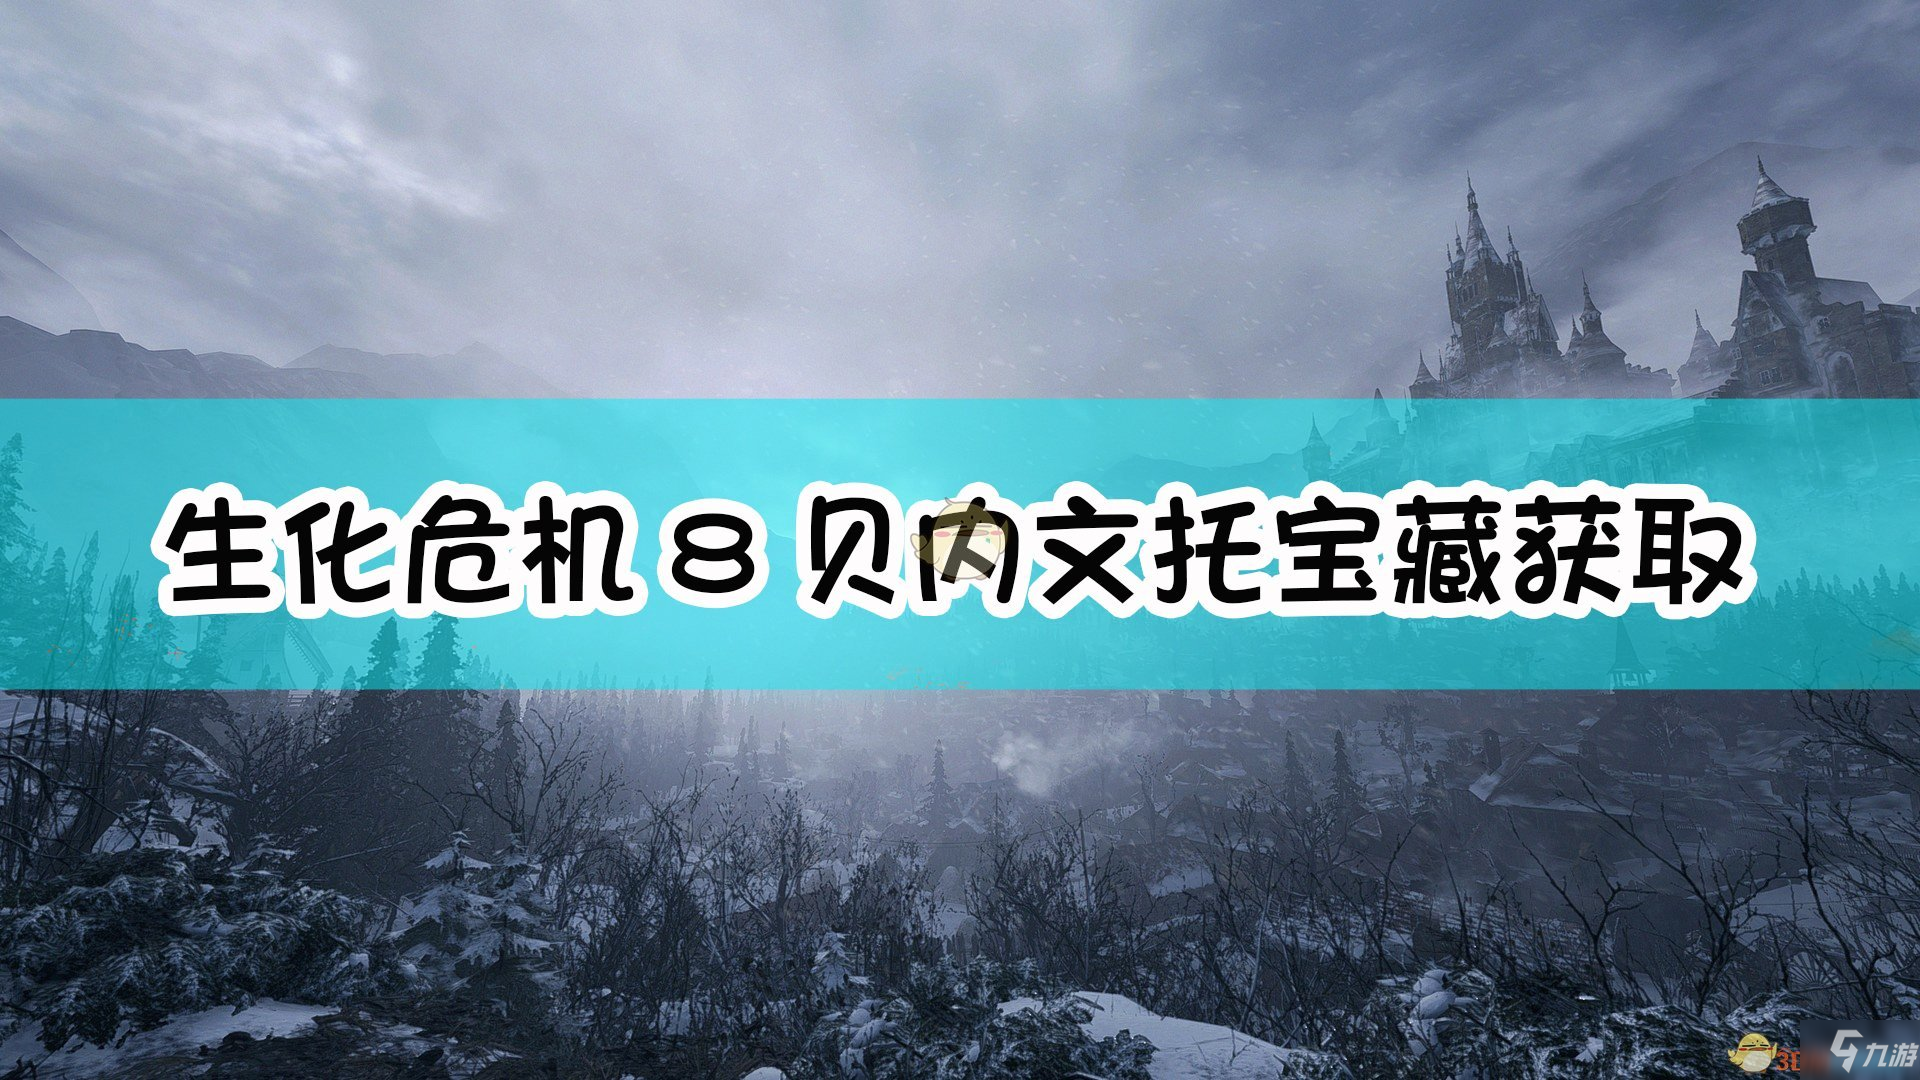 生化危机8:村庄贝内文托宝藏获取方法介绍